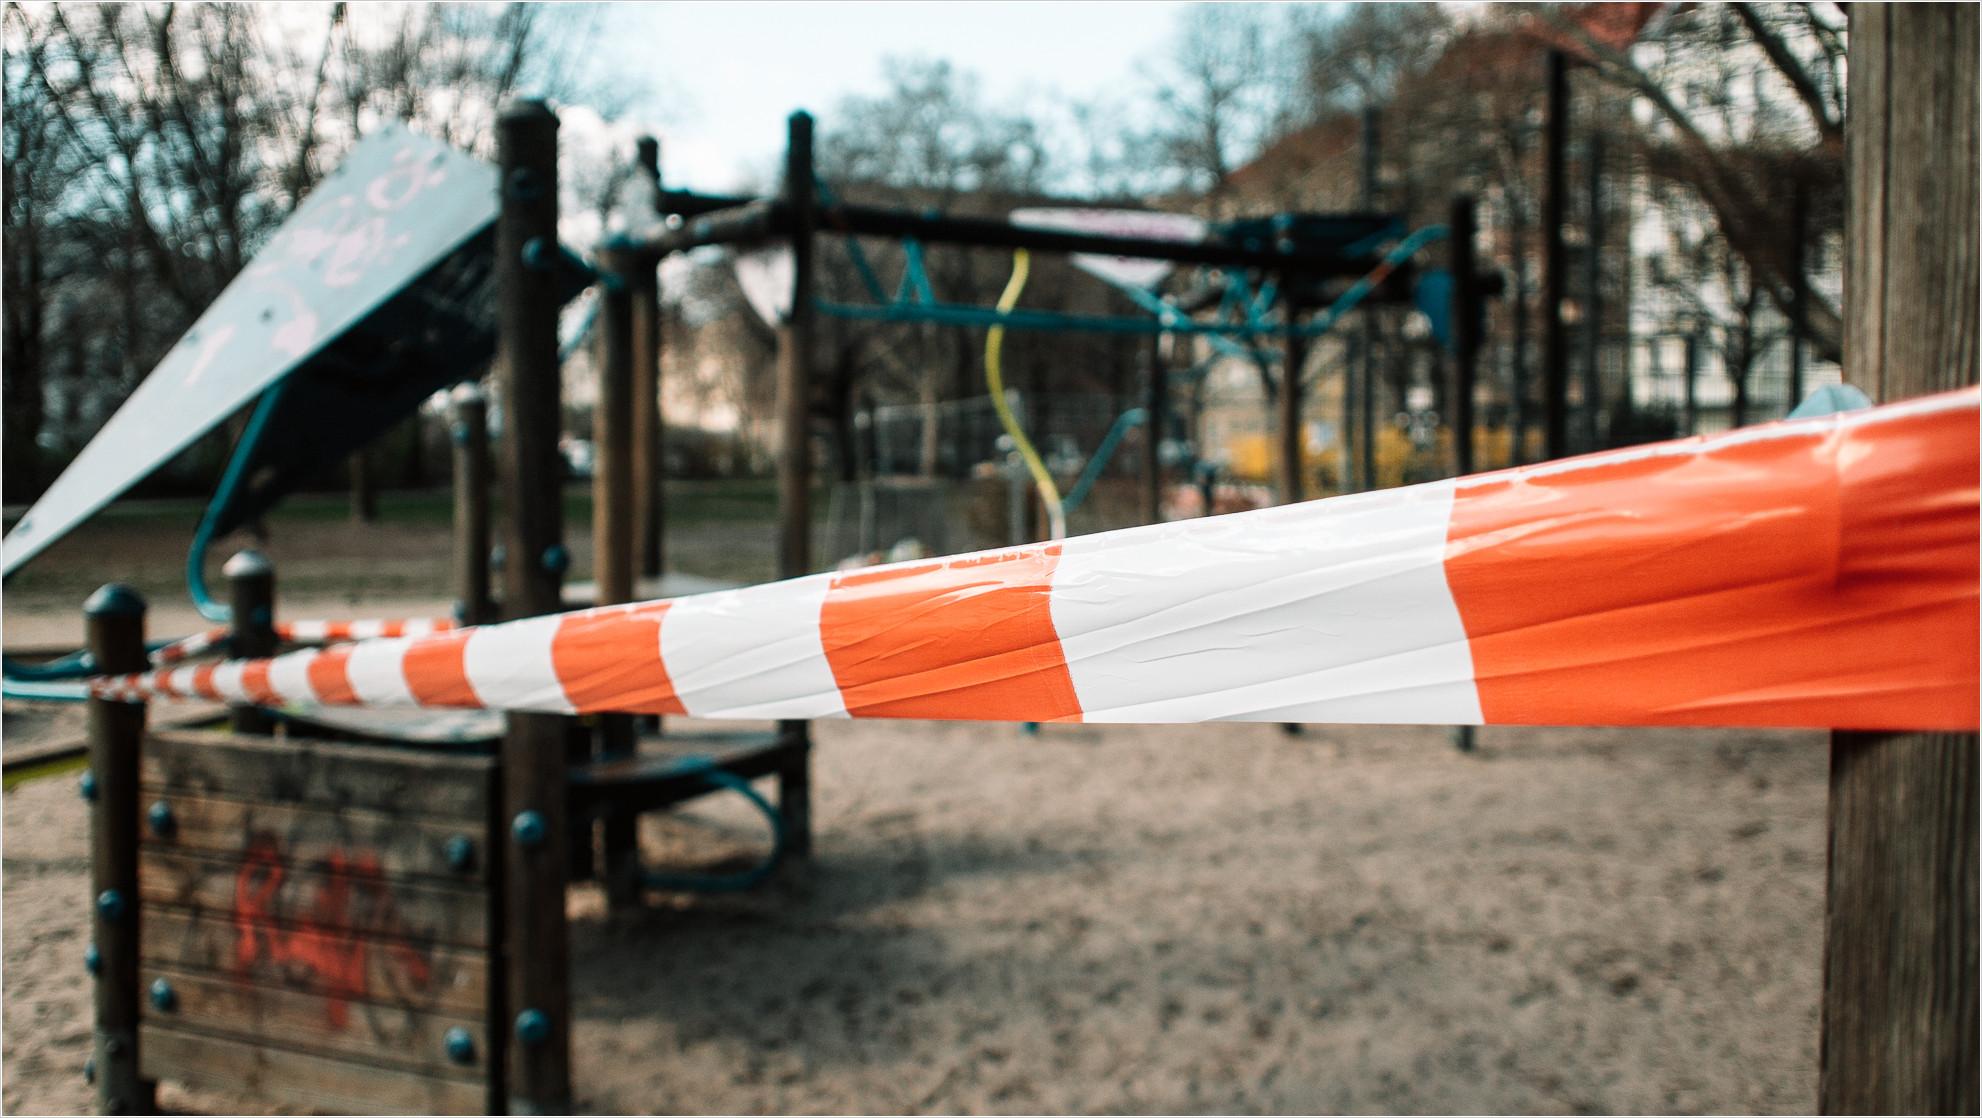 Absperrband auf einem Spielplatz